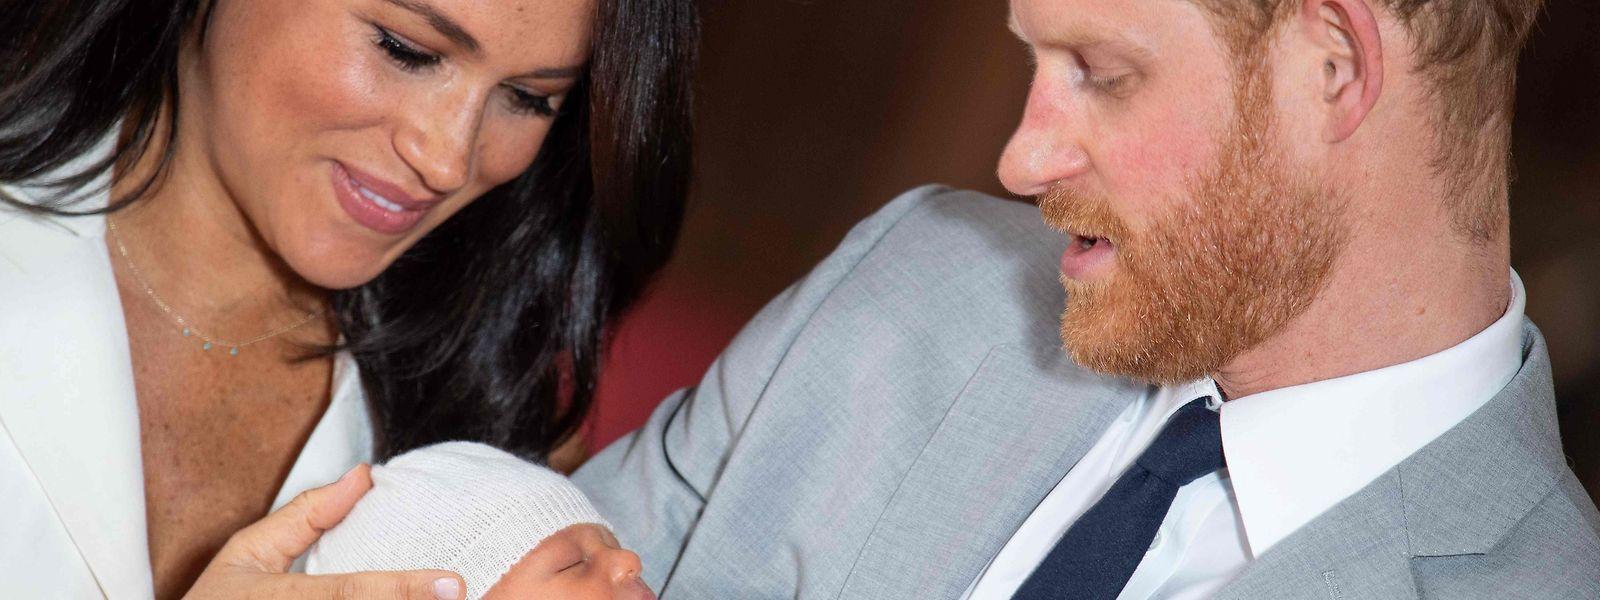 Archie Harrison Mountbatten-Windsor wurde der Presse am 8. Mai von seinen Eltern präsentiert.